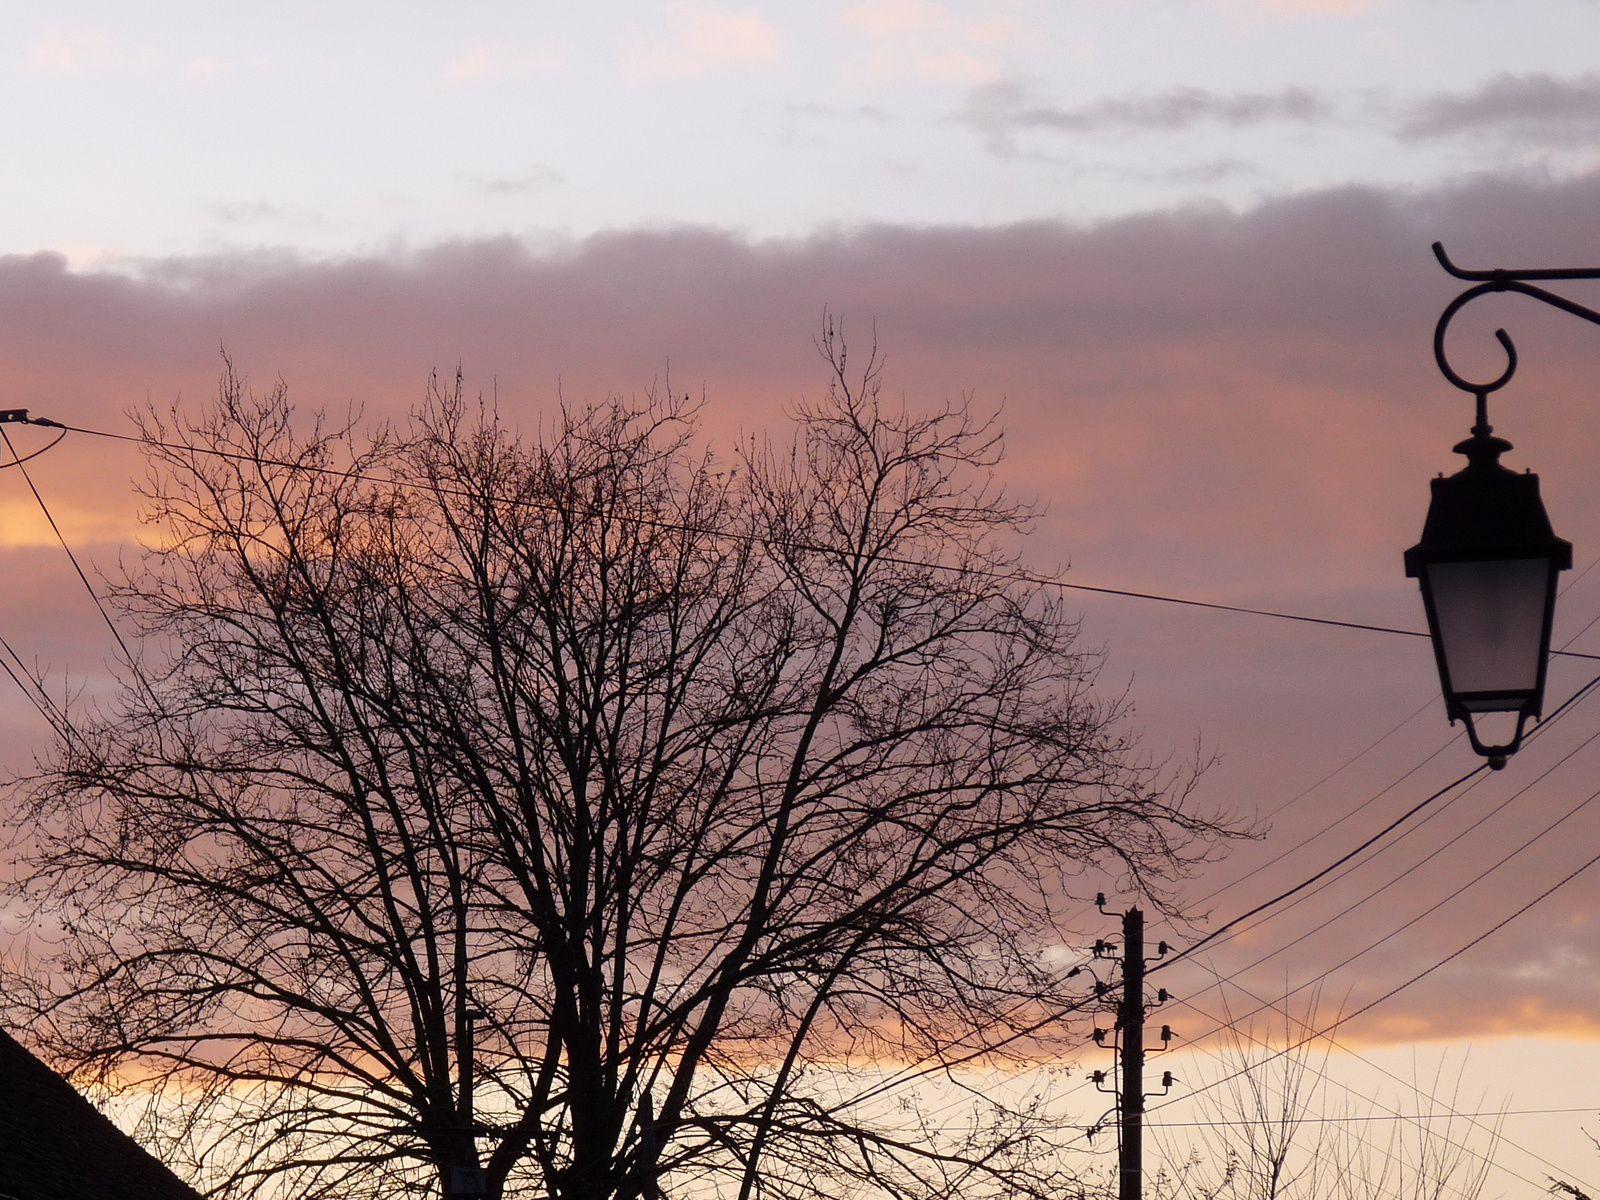 ...L'indécente chatoyance du ciel après la tempête...